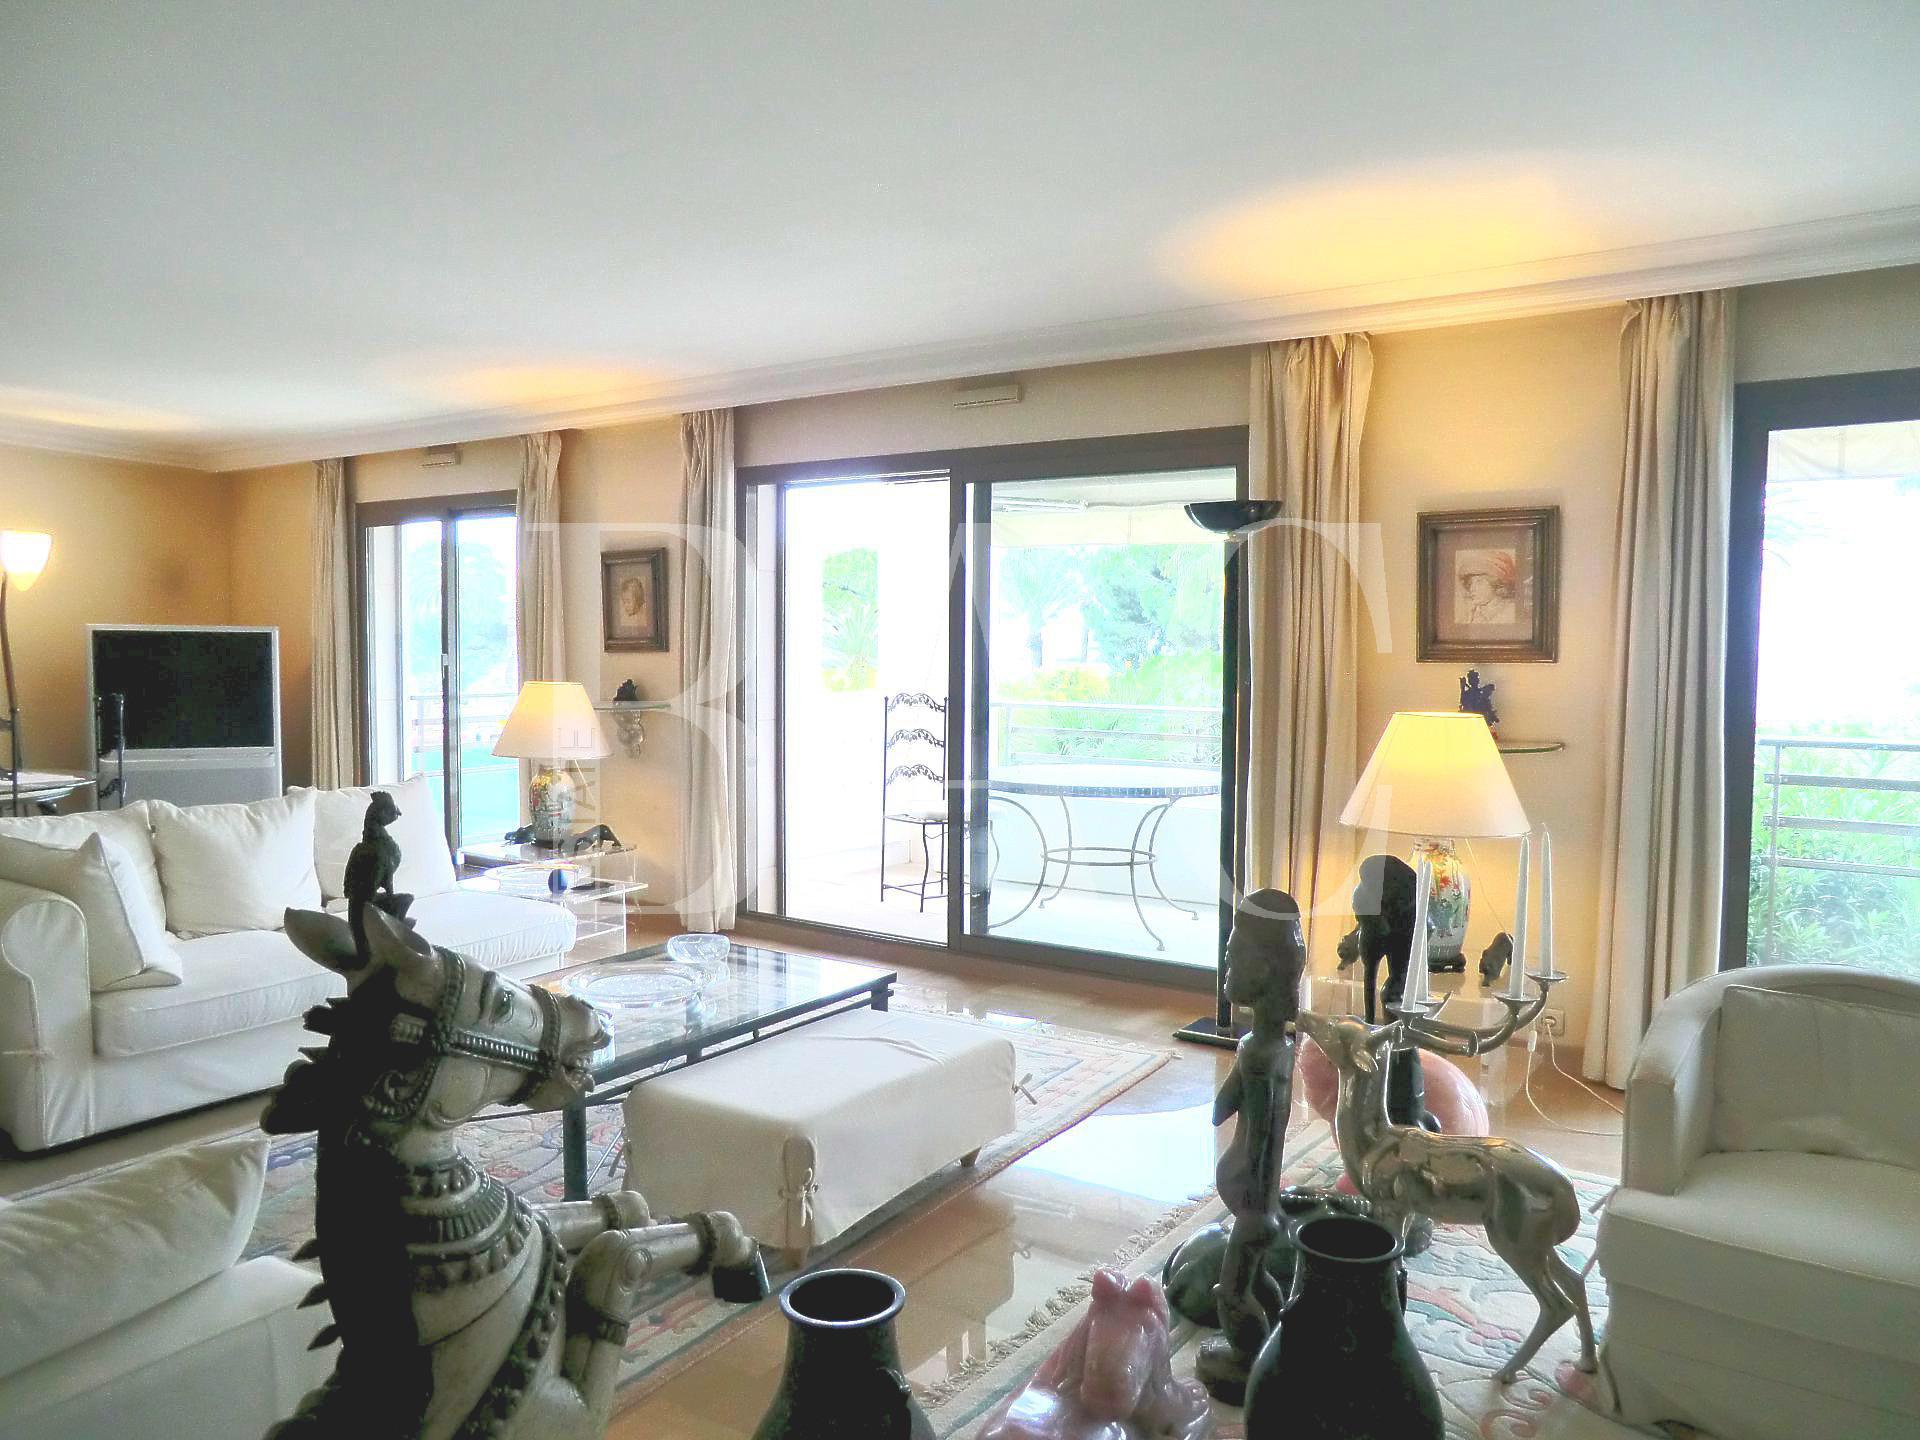 Appartement, Cannes, Boulevard de la Croisette